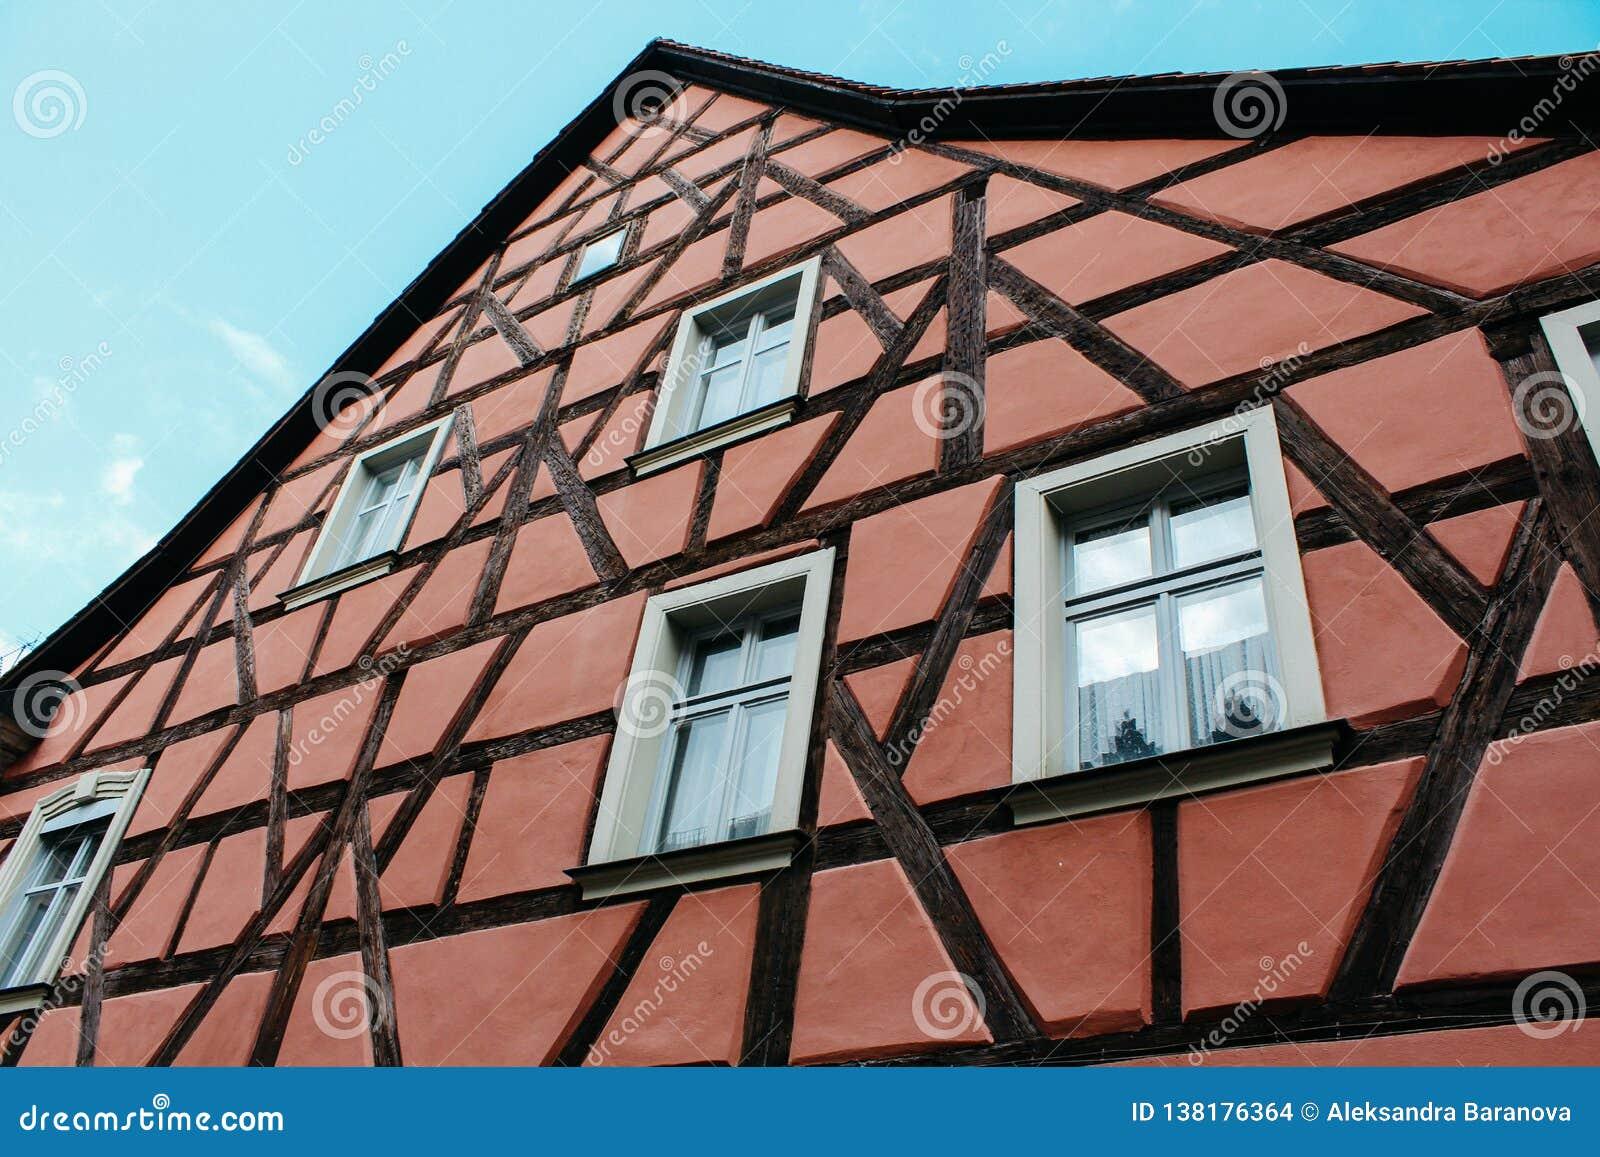 Bamberg, Duitsland - 04 01 2013: meningen van de straten van Bamberg in zonnig weer